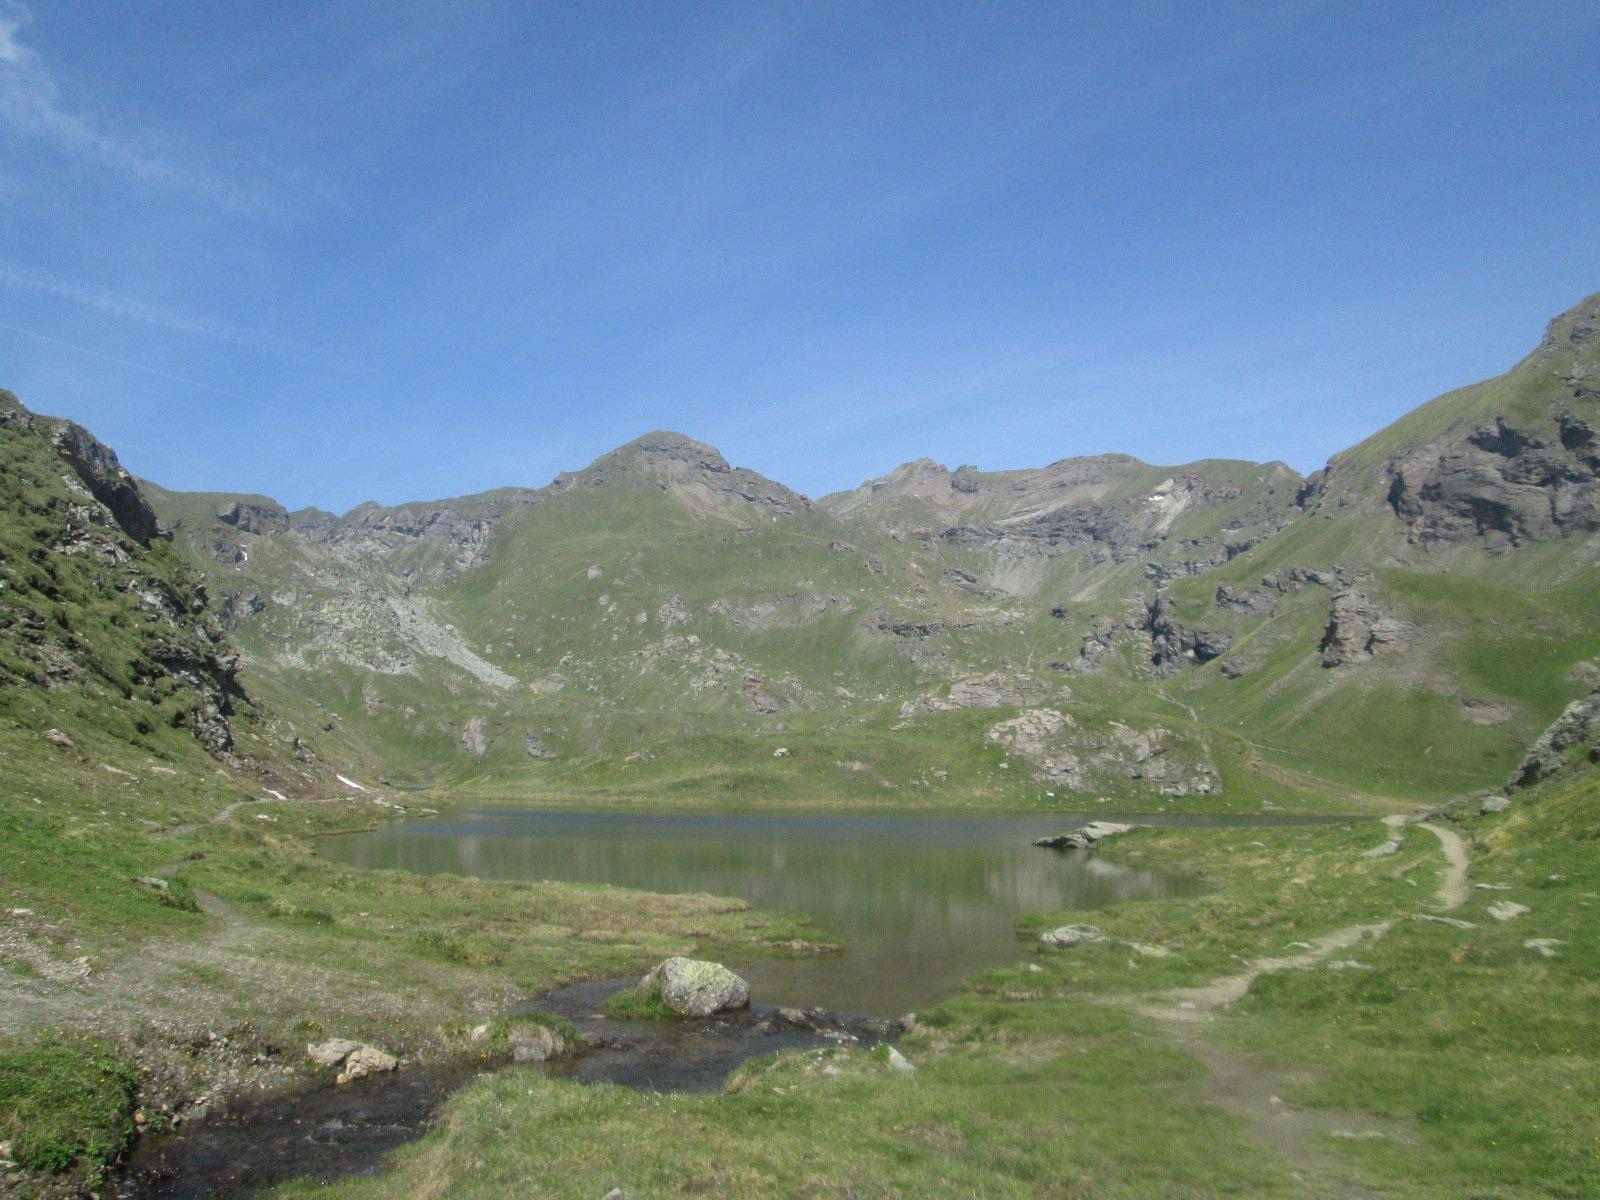 Lago Battaglia e parte superiore della gita...sullo sfondo la cima